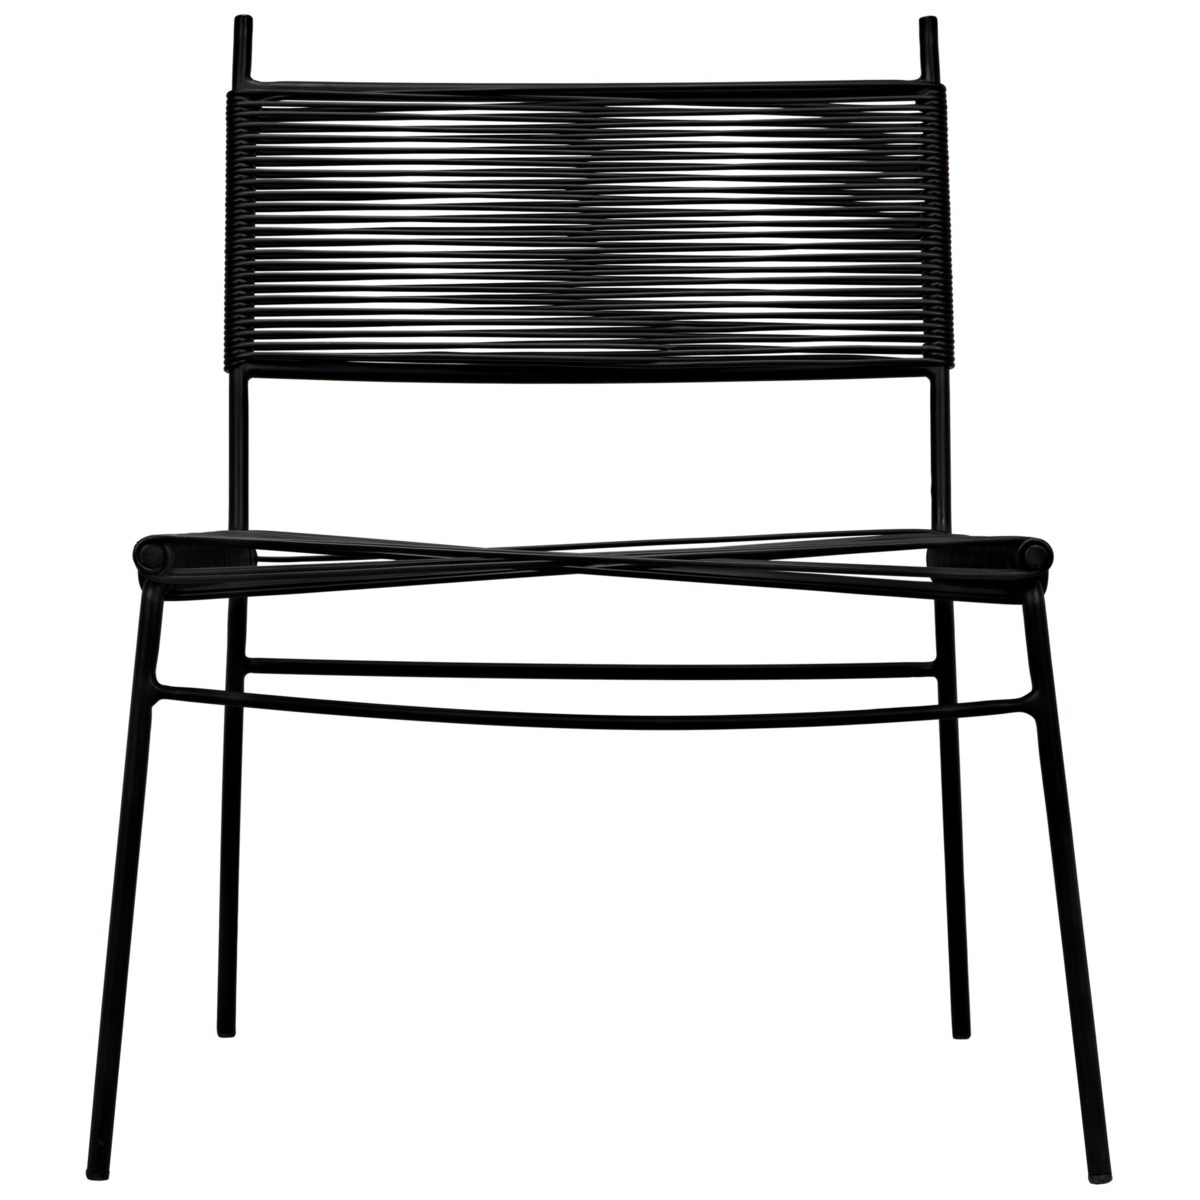 Schwartz Chair with Steel Frame